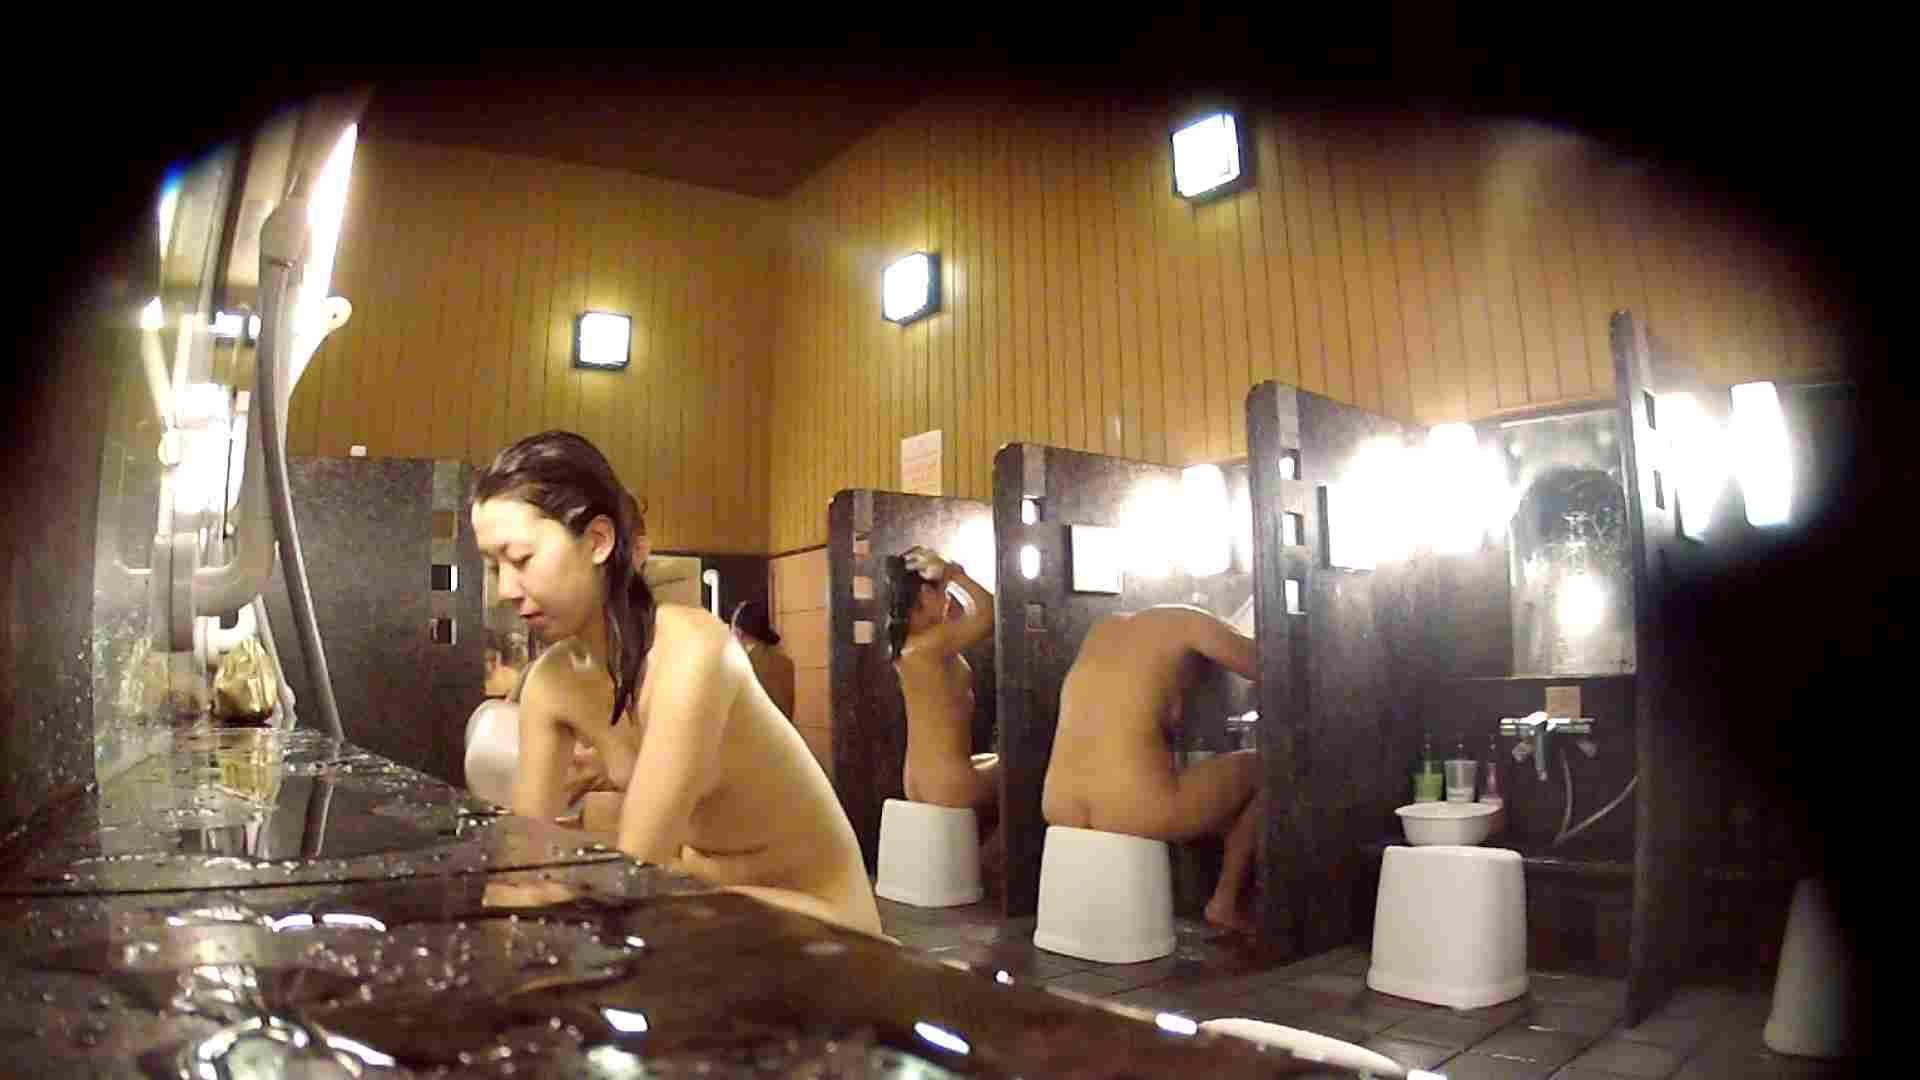 ハイビジョン 洗い場!ちょっとケバいですが、美乳です!ホースが・・・ 美肌 | 細身  86画像 11